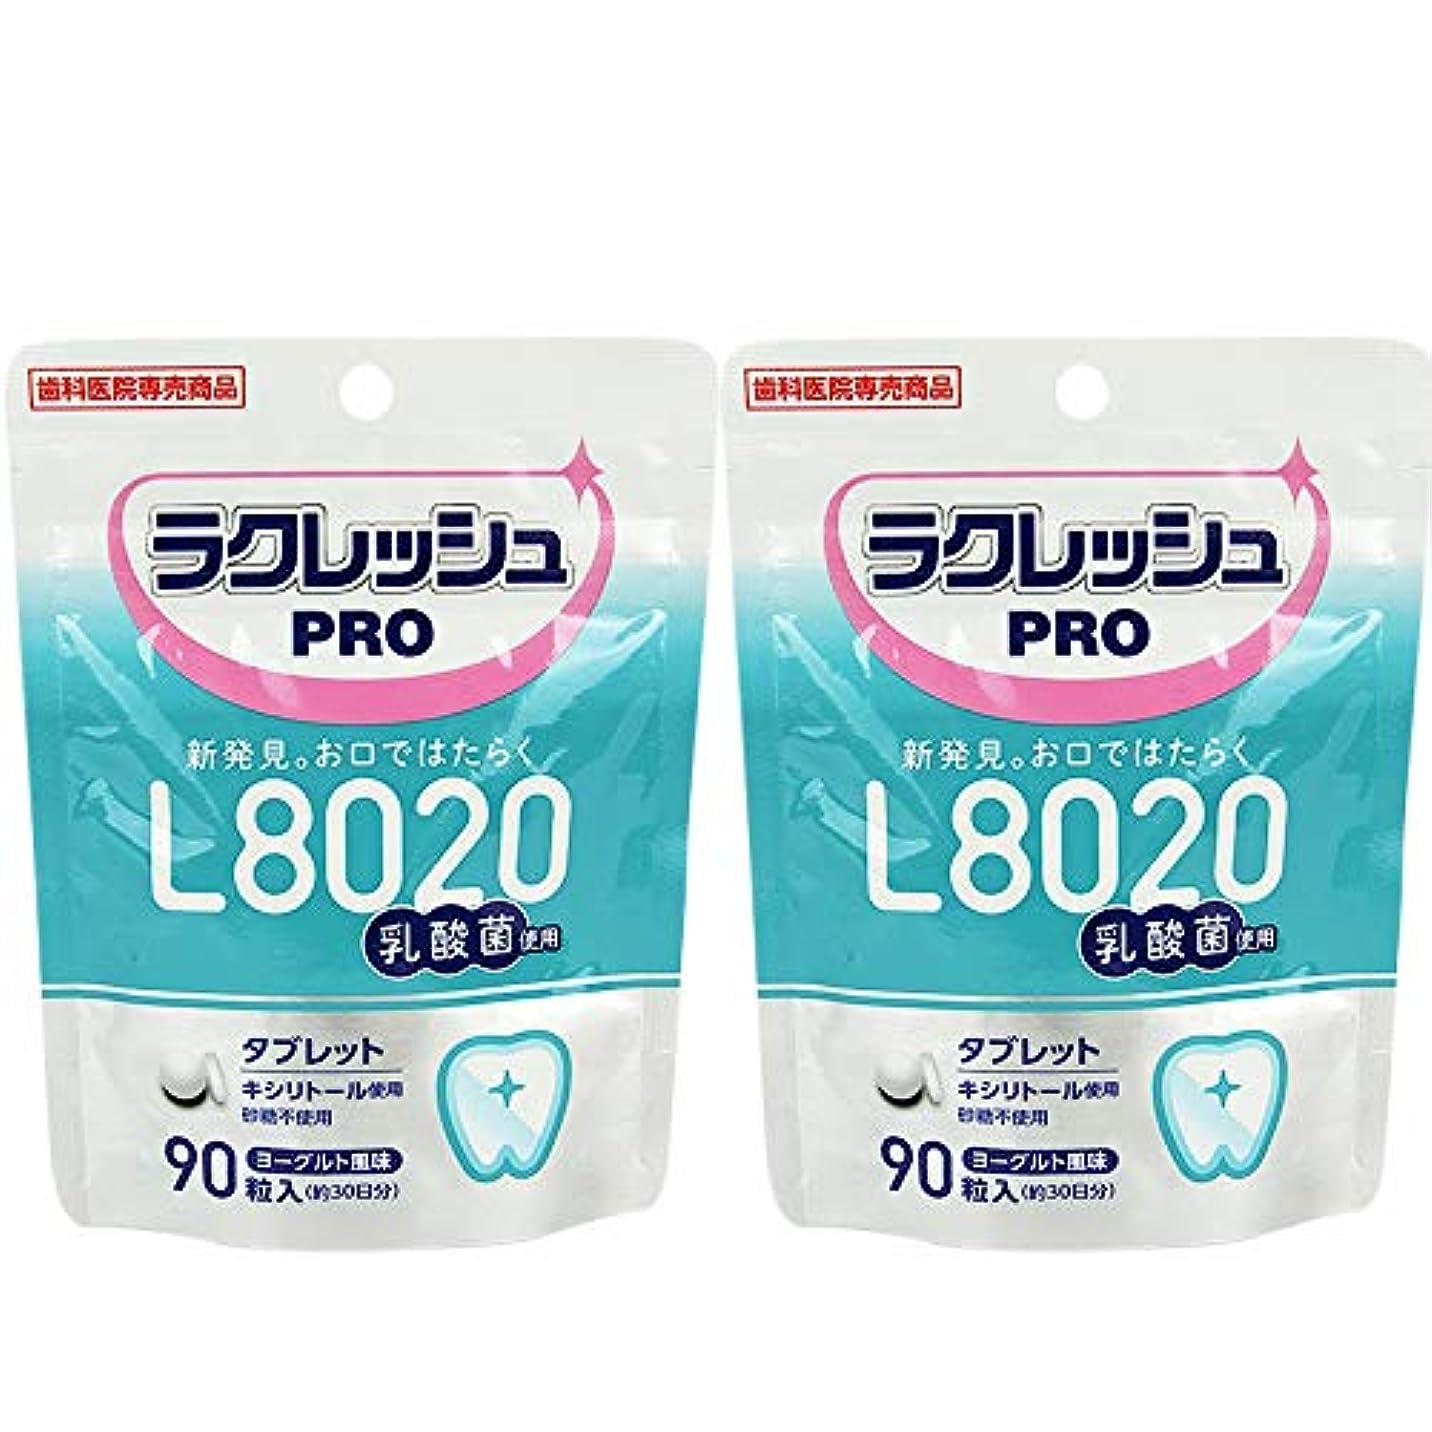 アイロニーペダルお金L8020 乳酸菌 ラクレッシュ PRO タブレット 90粒 × 2個 歯科専売品